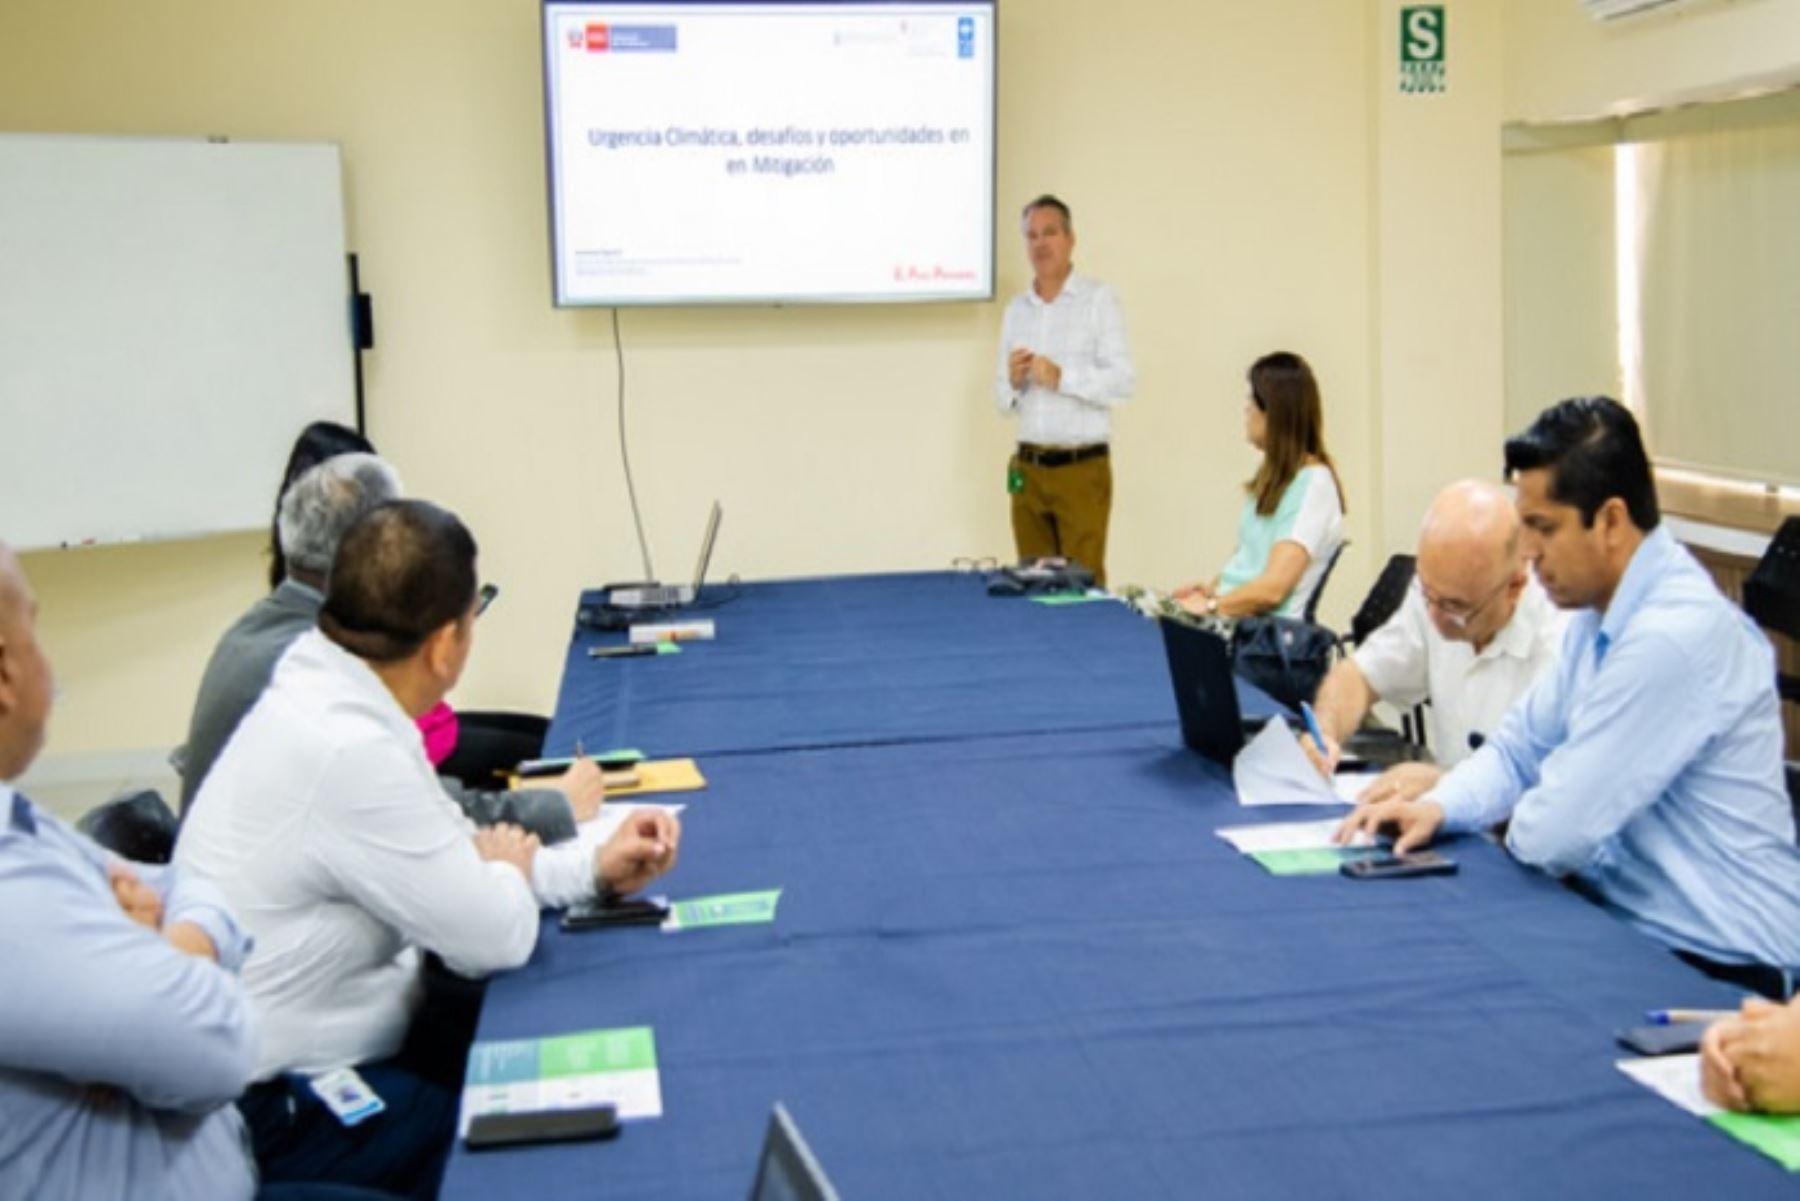 Más de una docena de empresas manifestaron su interés por ser parte la plataforma que involucra activamente al sector privado en el compromiso climático del país.